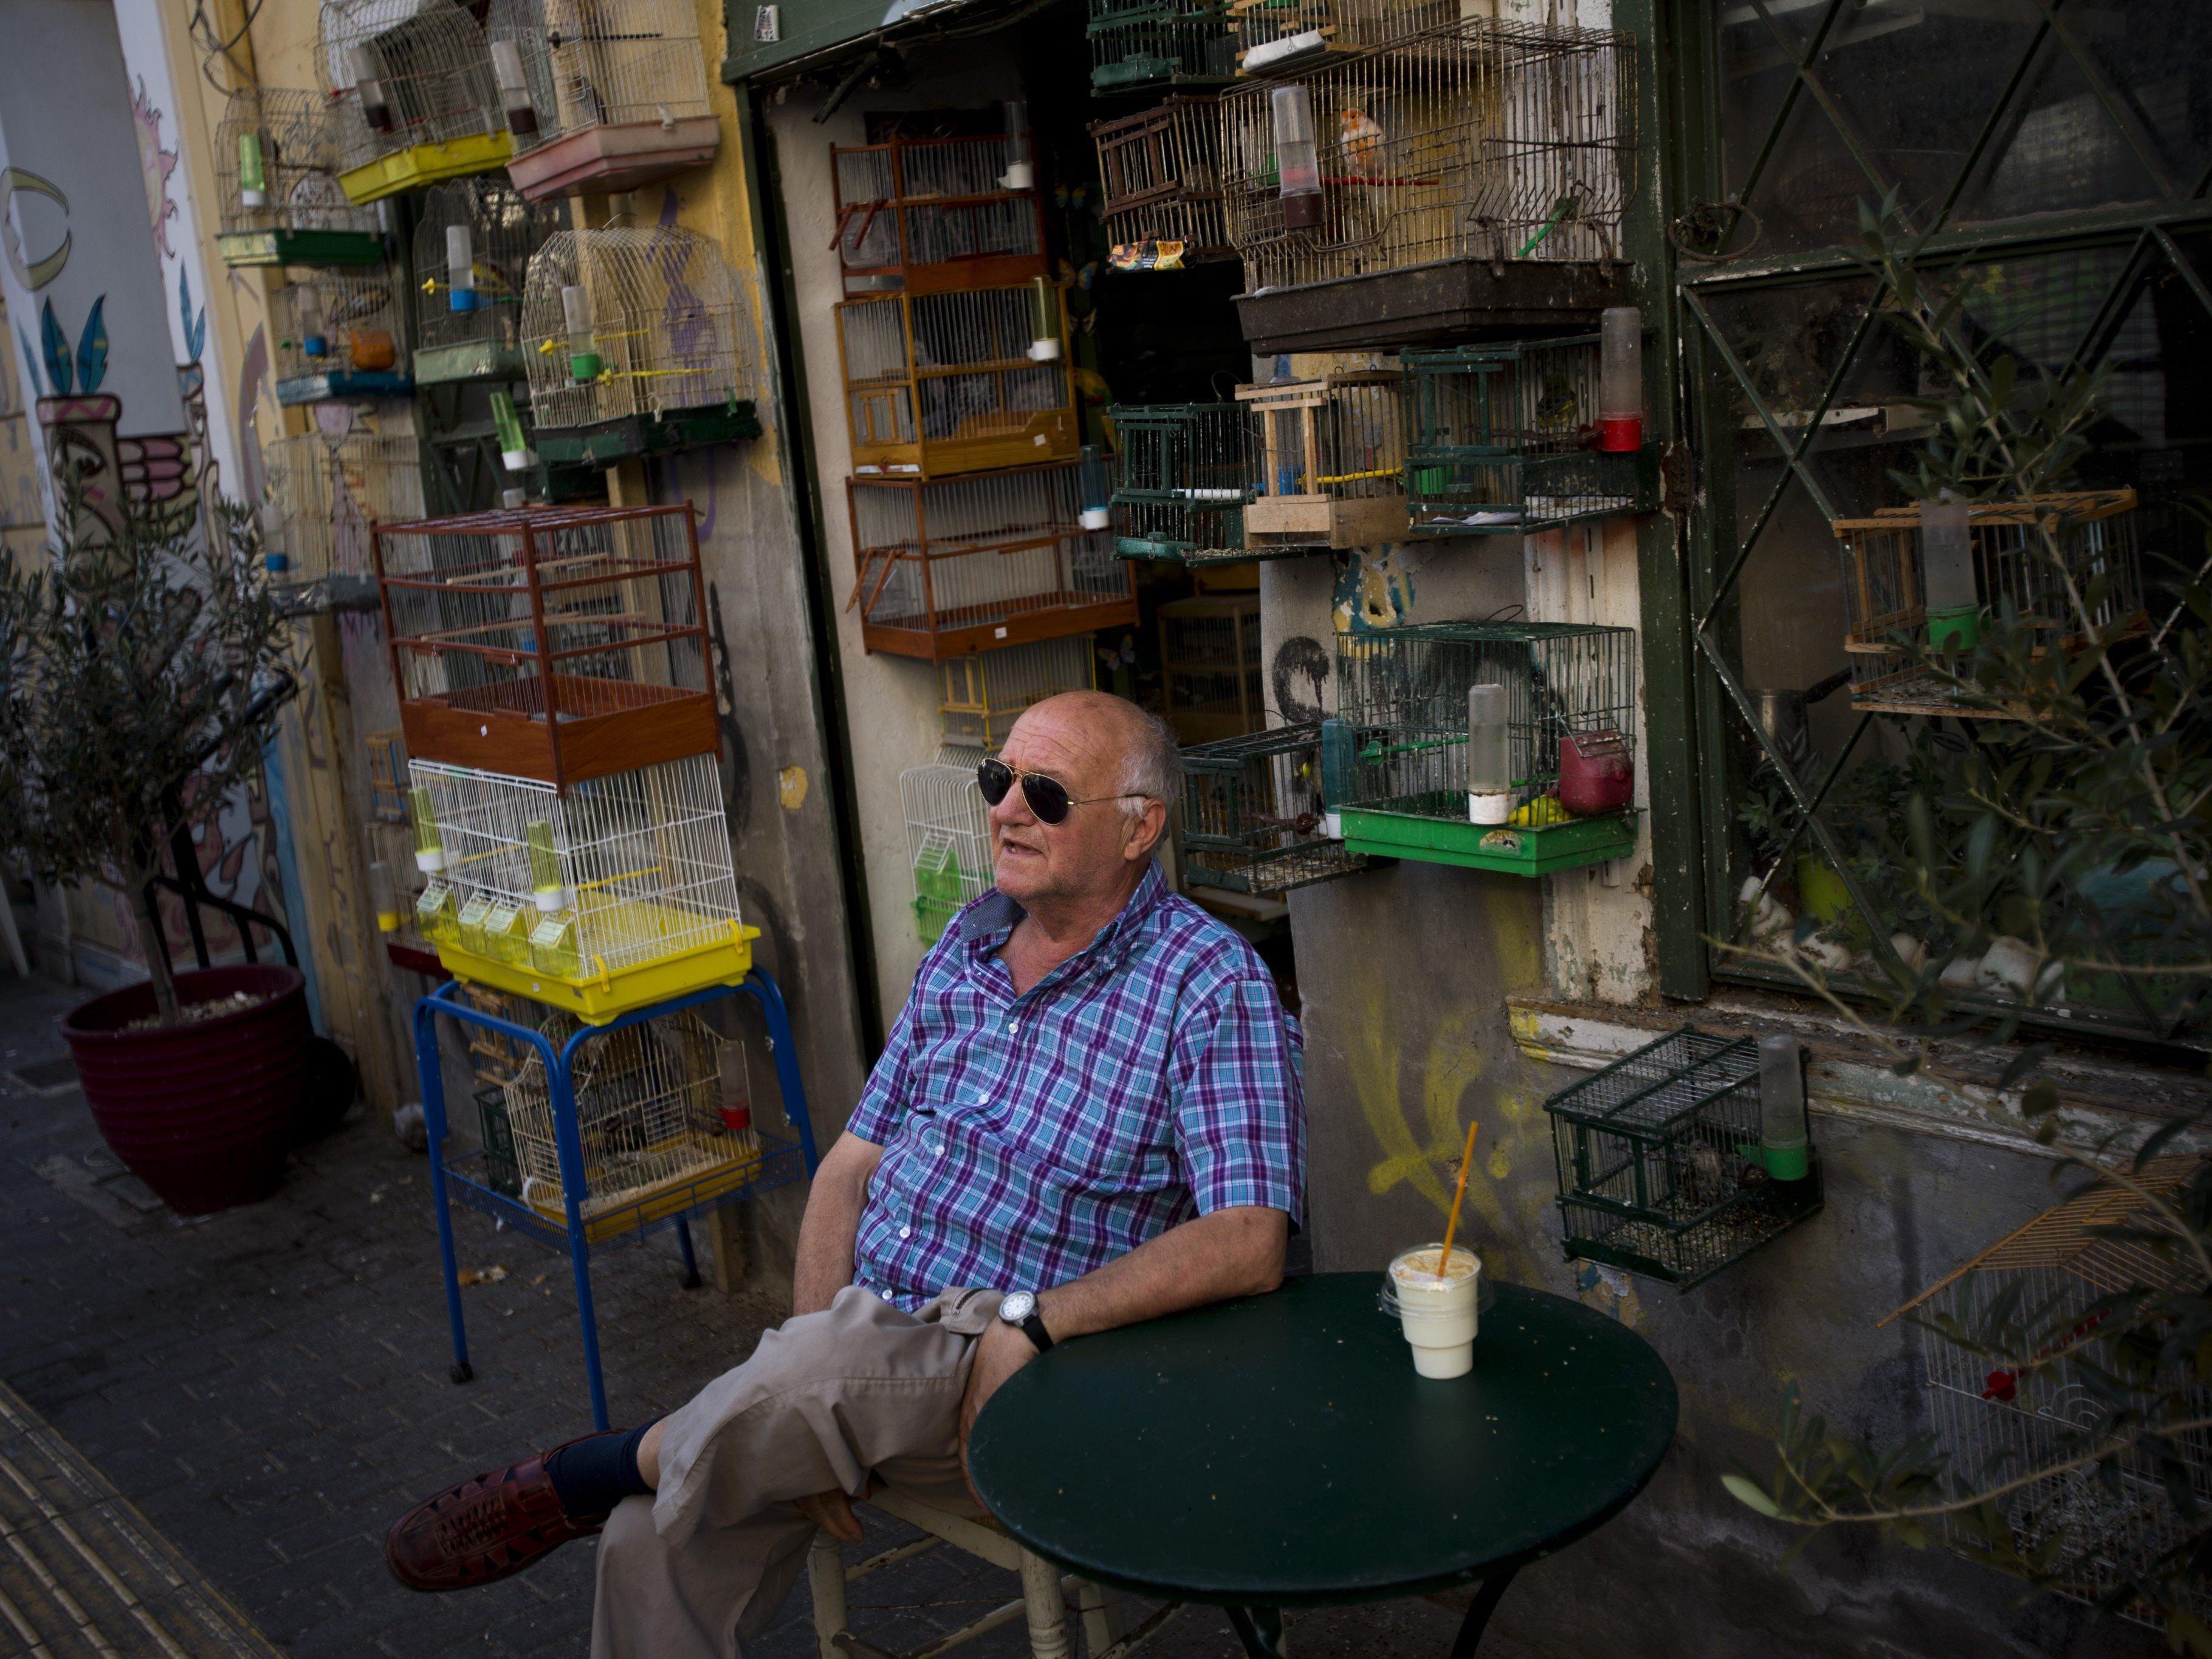 Während in Brüssel über Griechenlands Zukunft verhandelt wird, mehren sich die Kritiker im Netz.